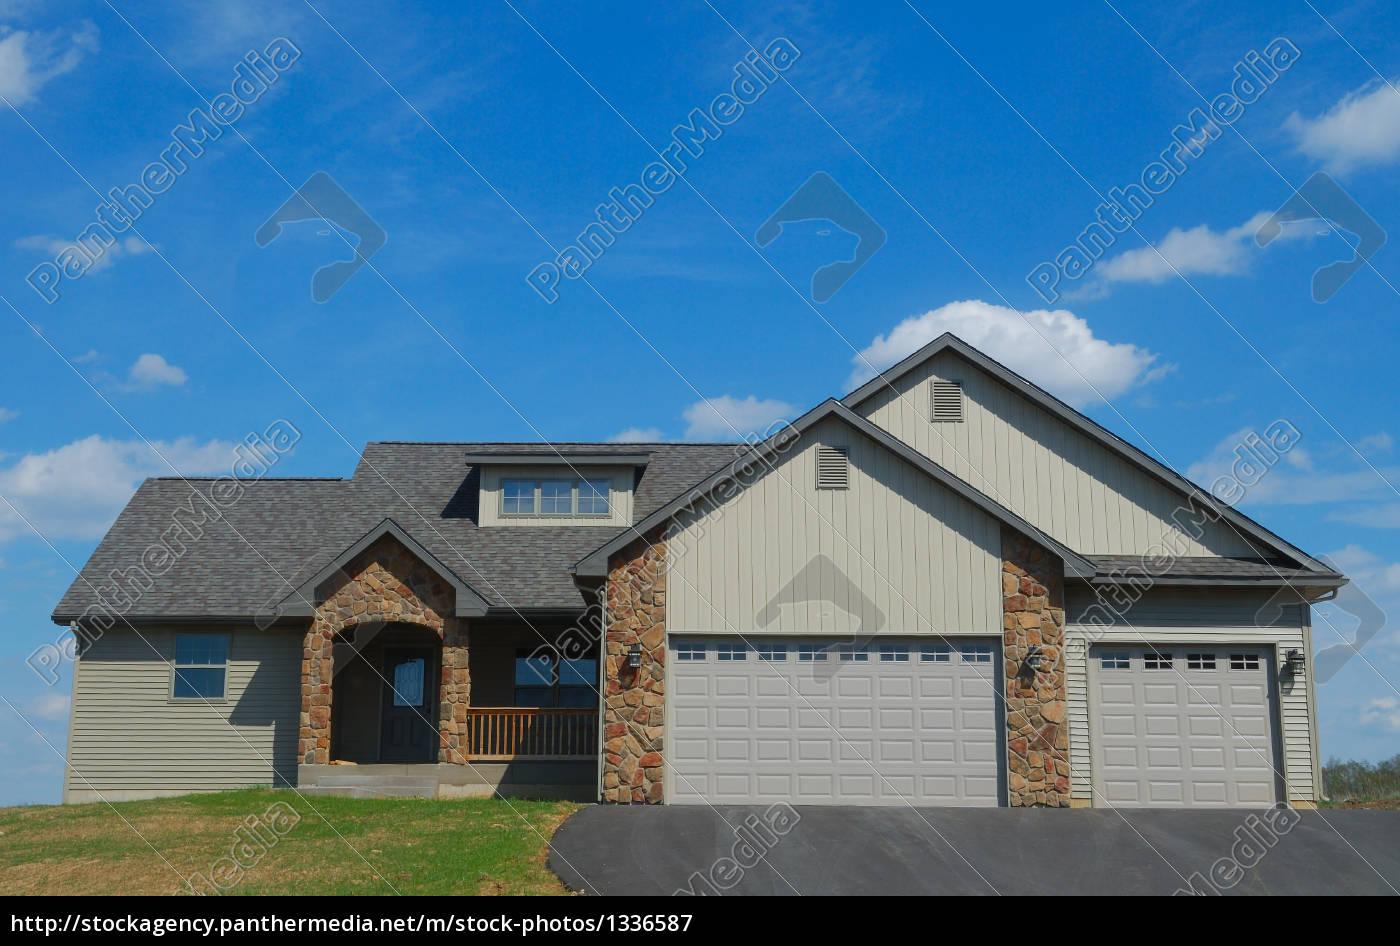 rural, home - 1336587